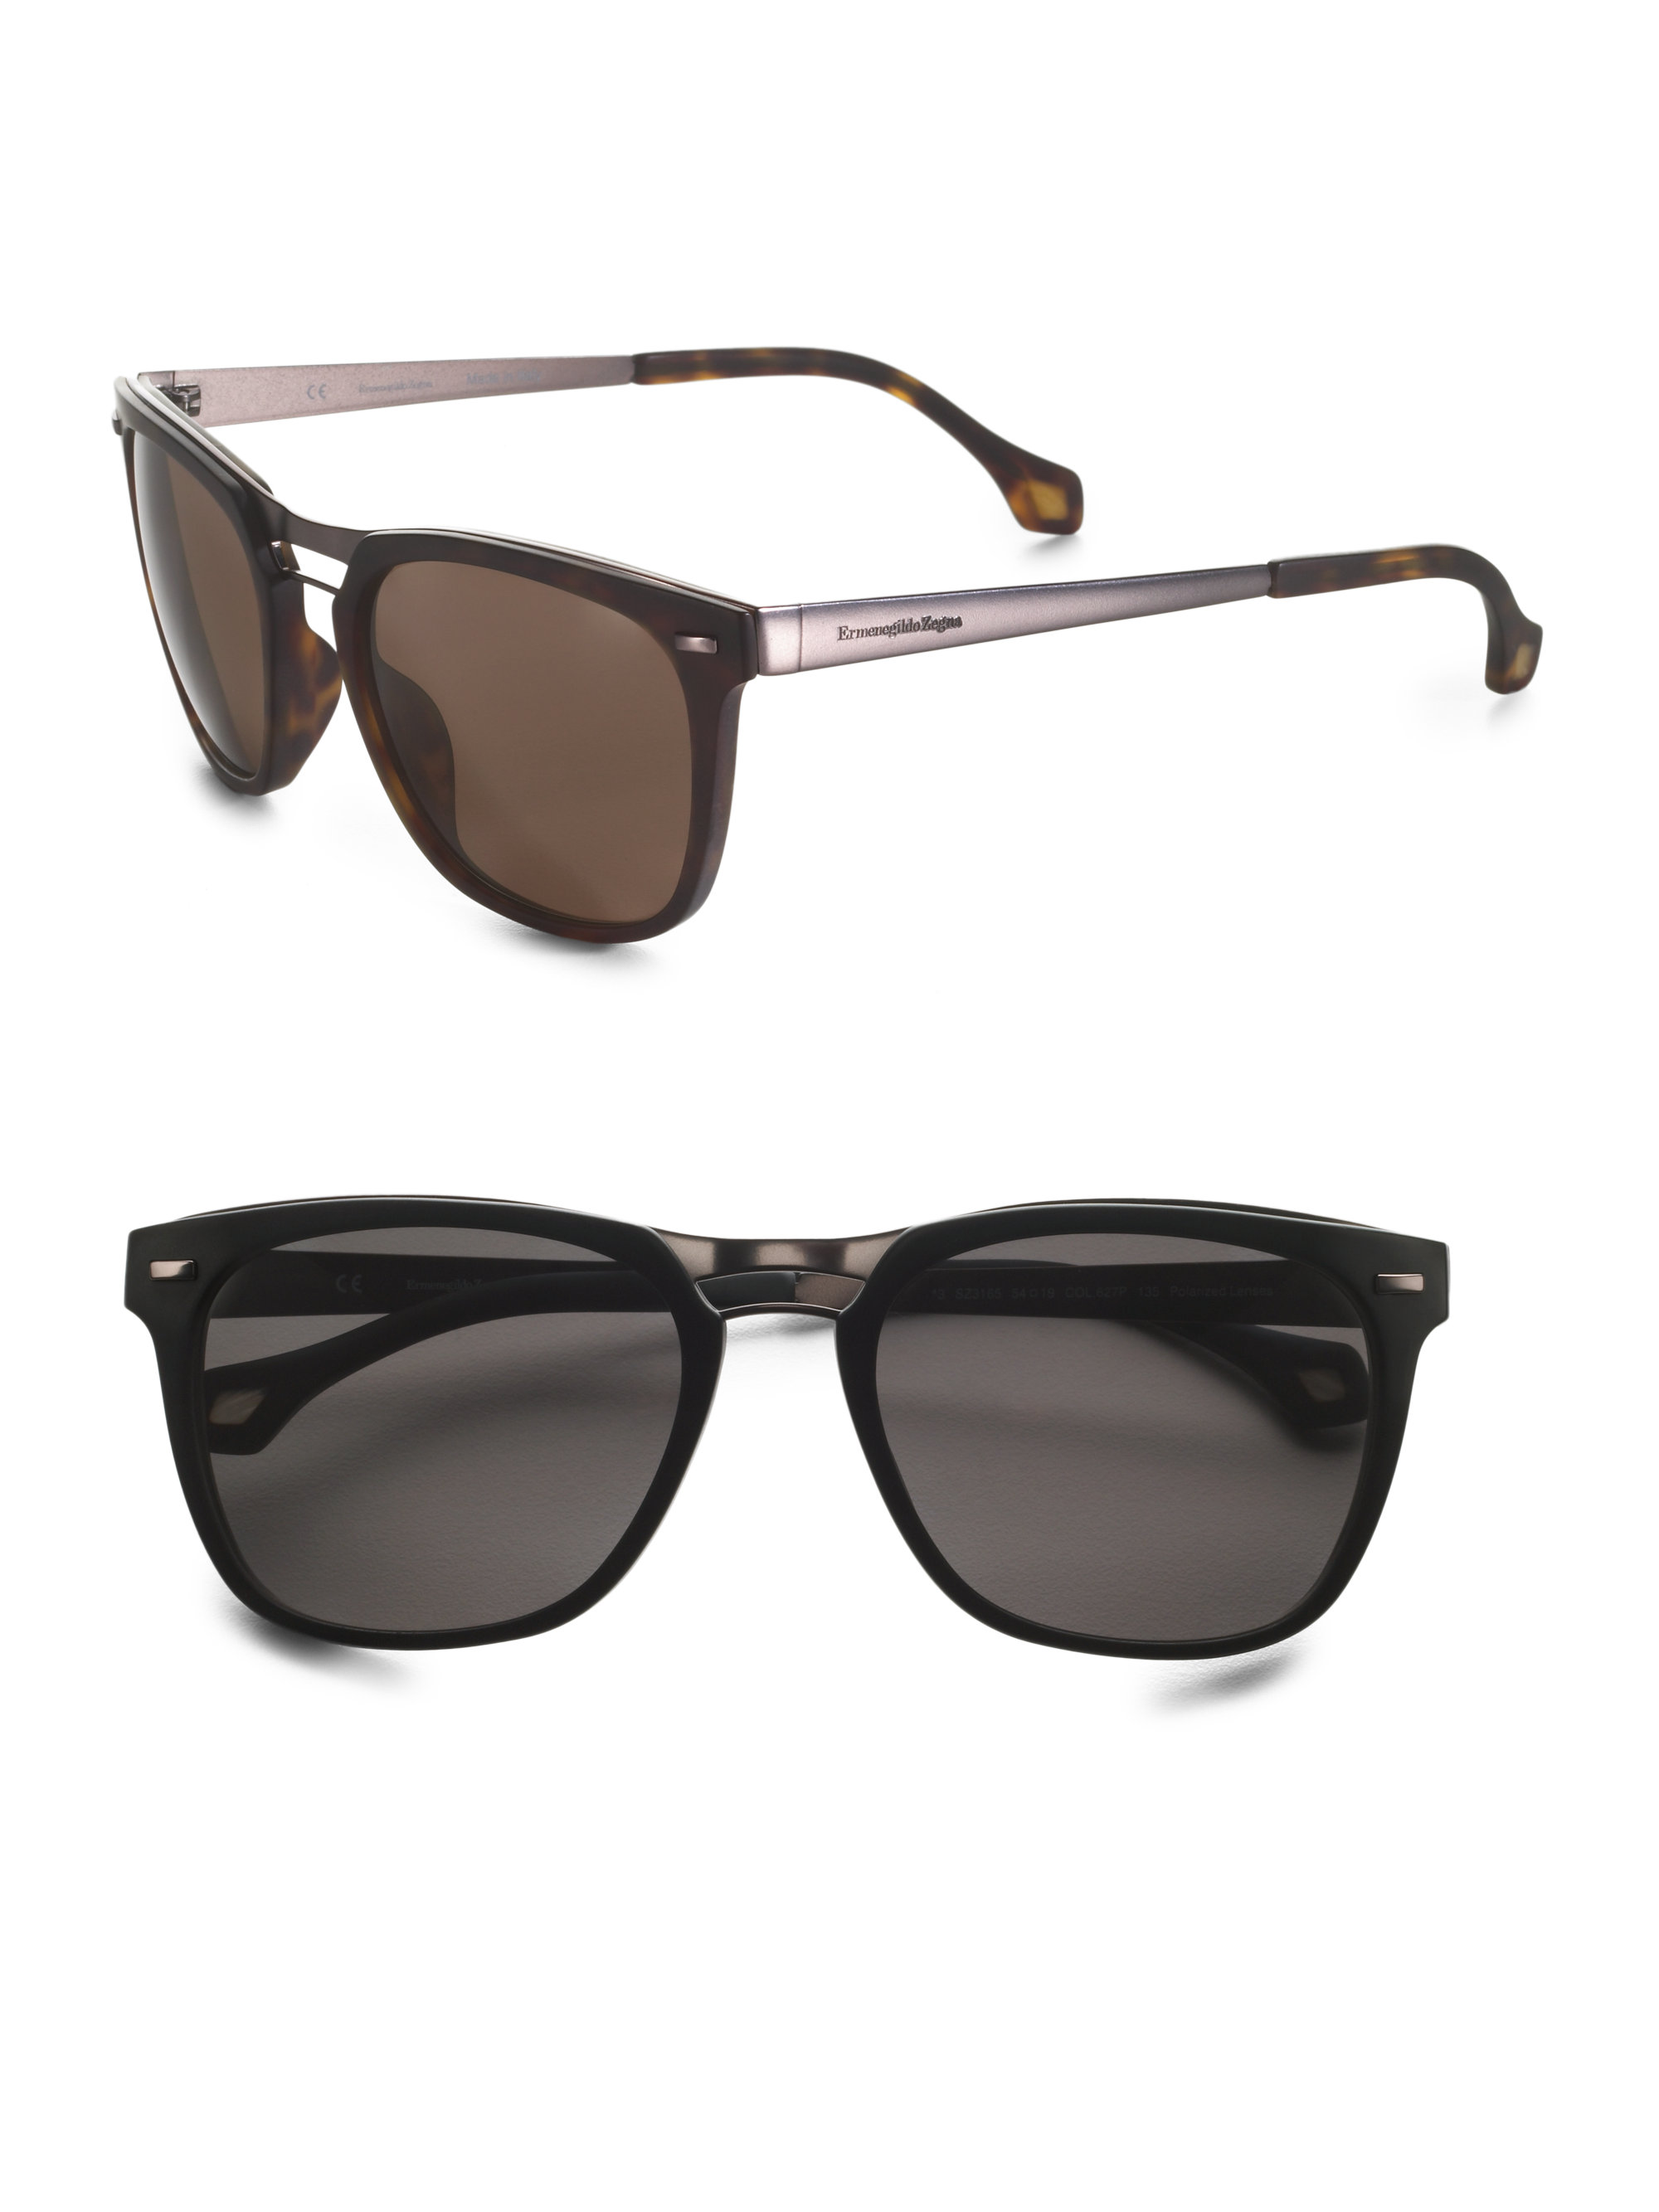 80459b333d Lyst - Ermenegildo Zegna Vintage Wayfarer Sunglasses in Black for Men